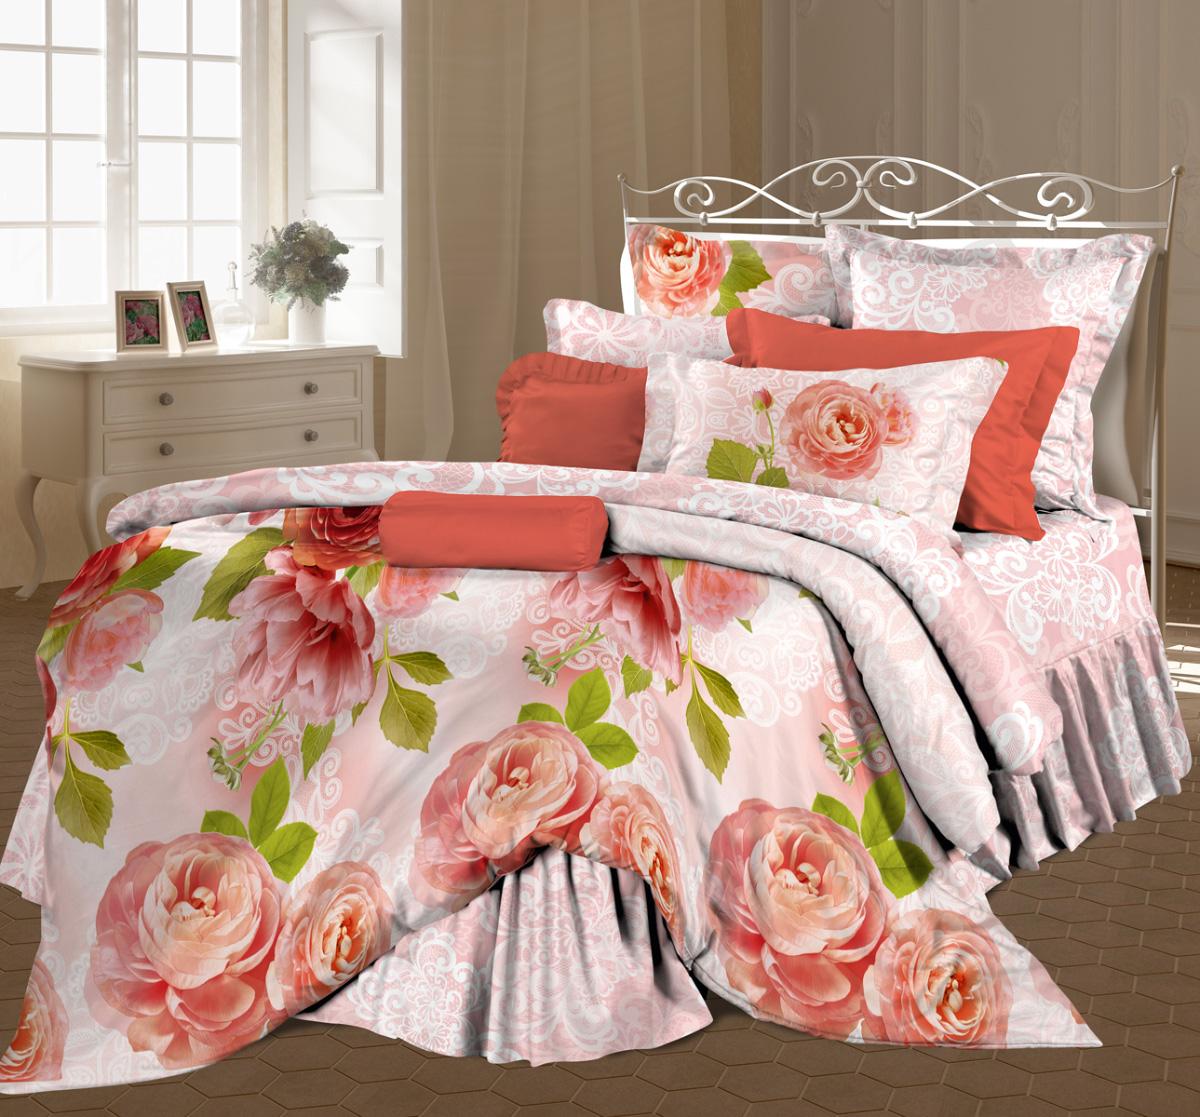 Комплект белья Любимый дом Садовый цвет, 2-спальный, наволочки 70x70, цвет: розовый431864